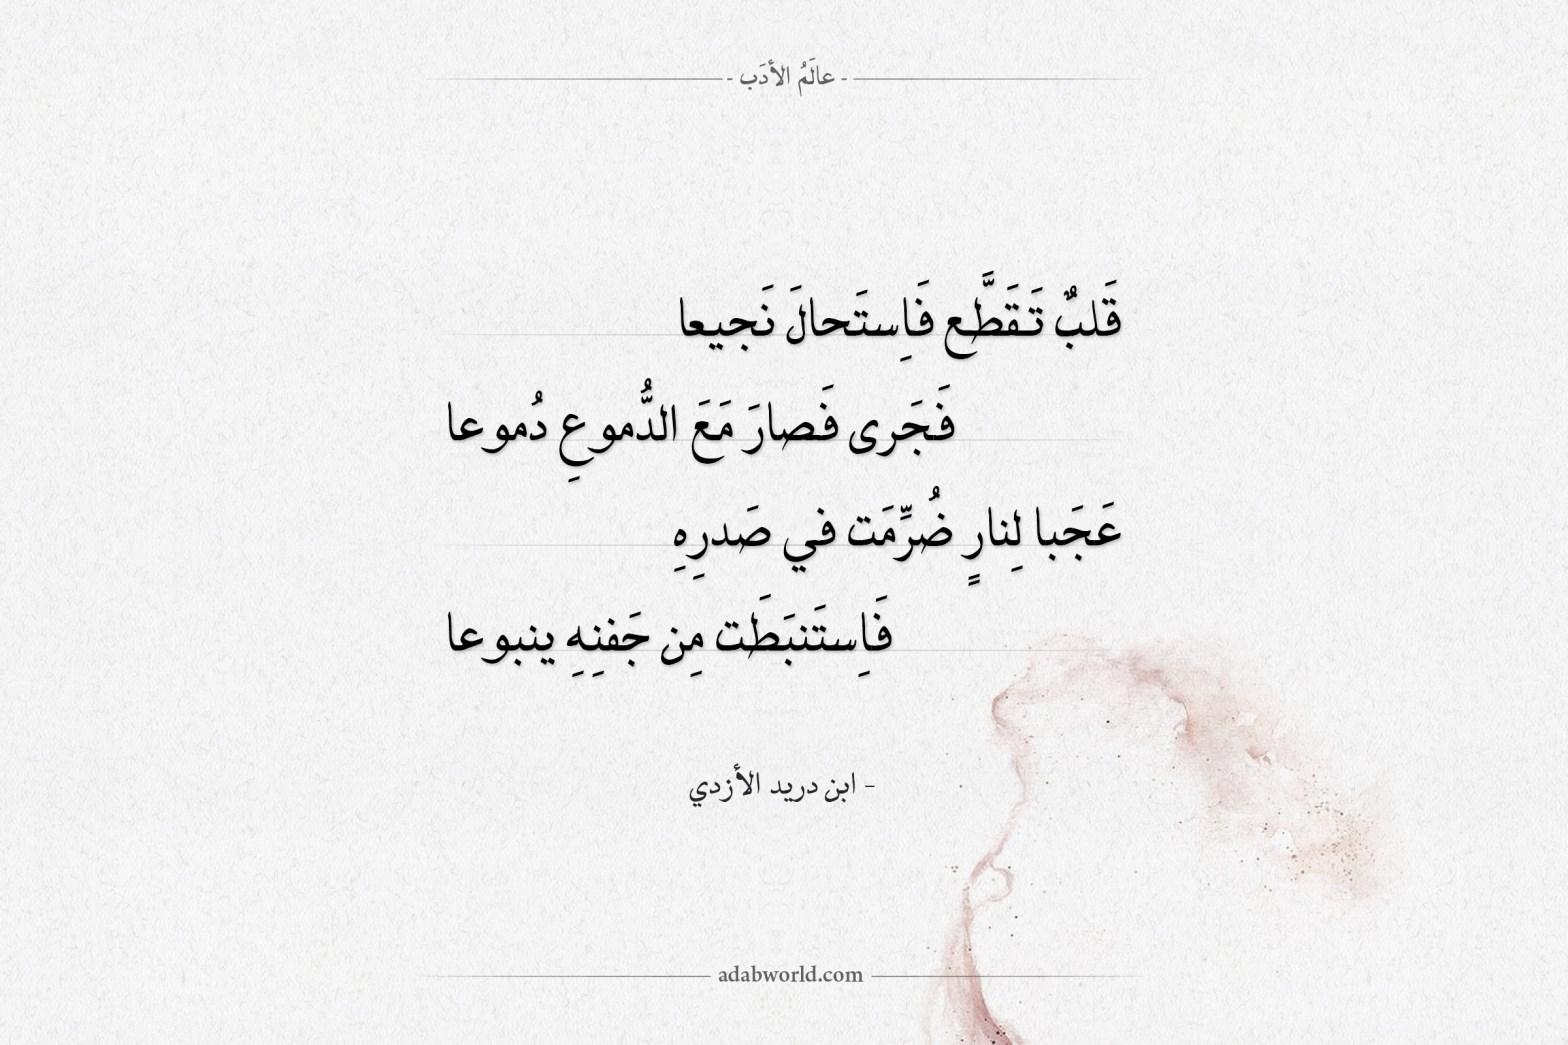 شعر ابن دريد الأزدي - قلب تقطع فاستحال نجيعا